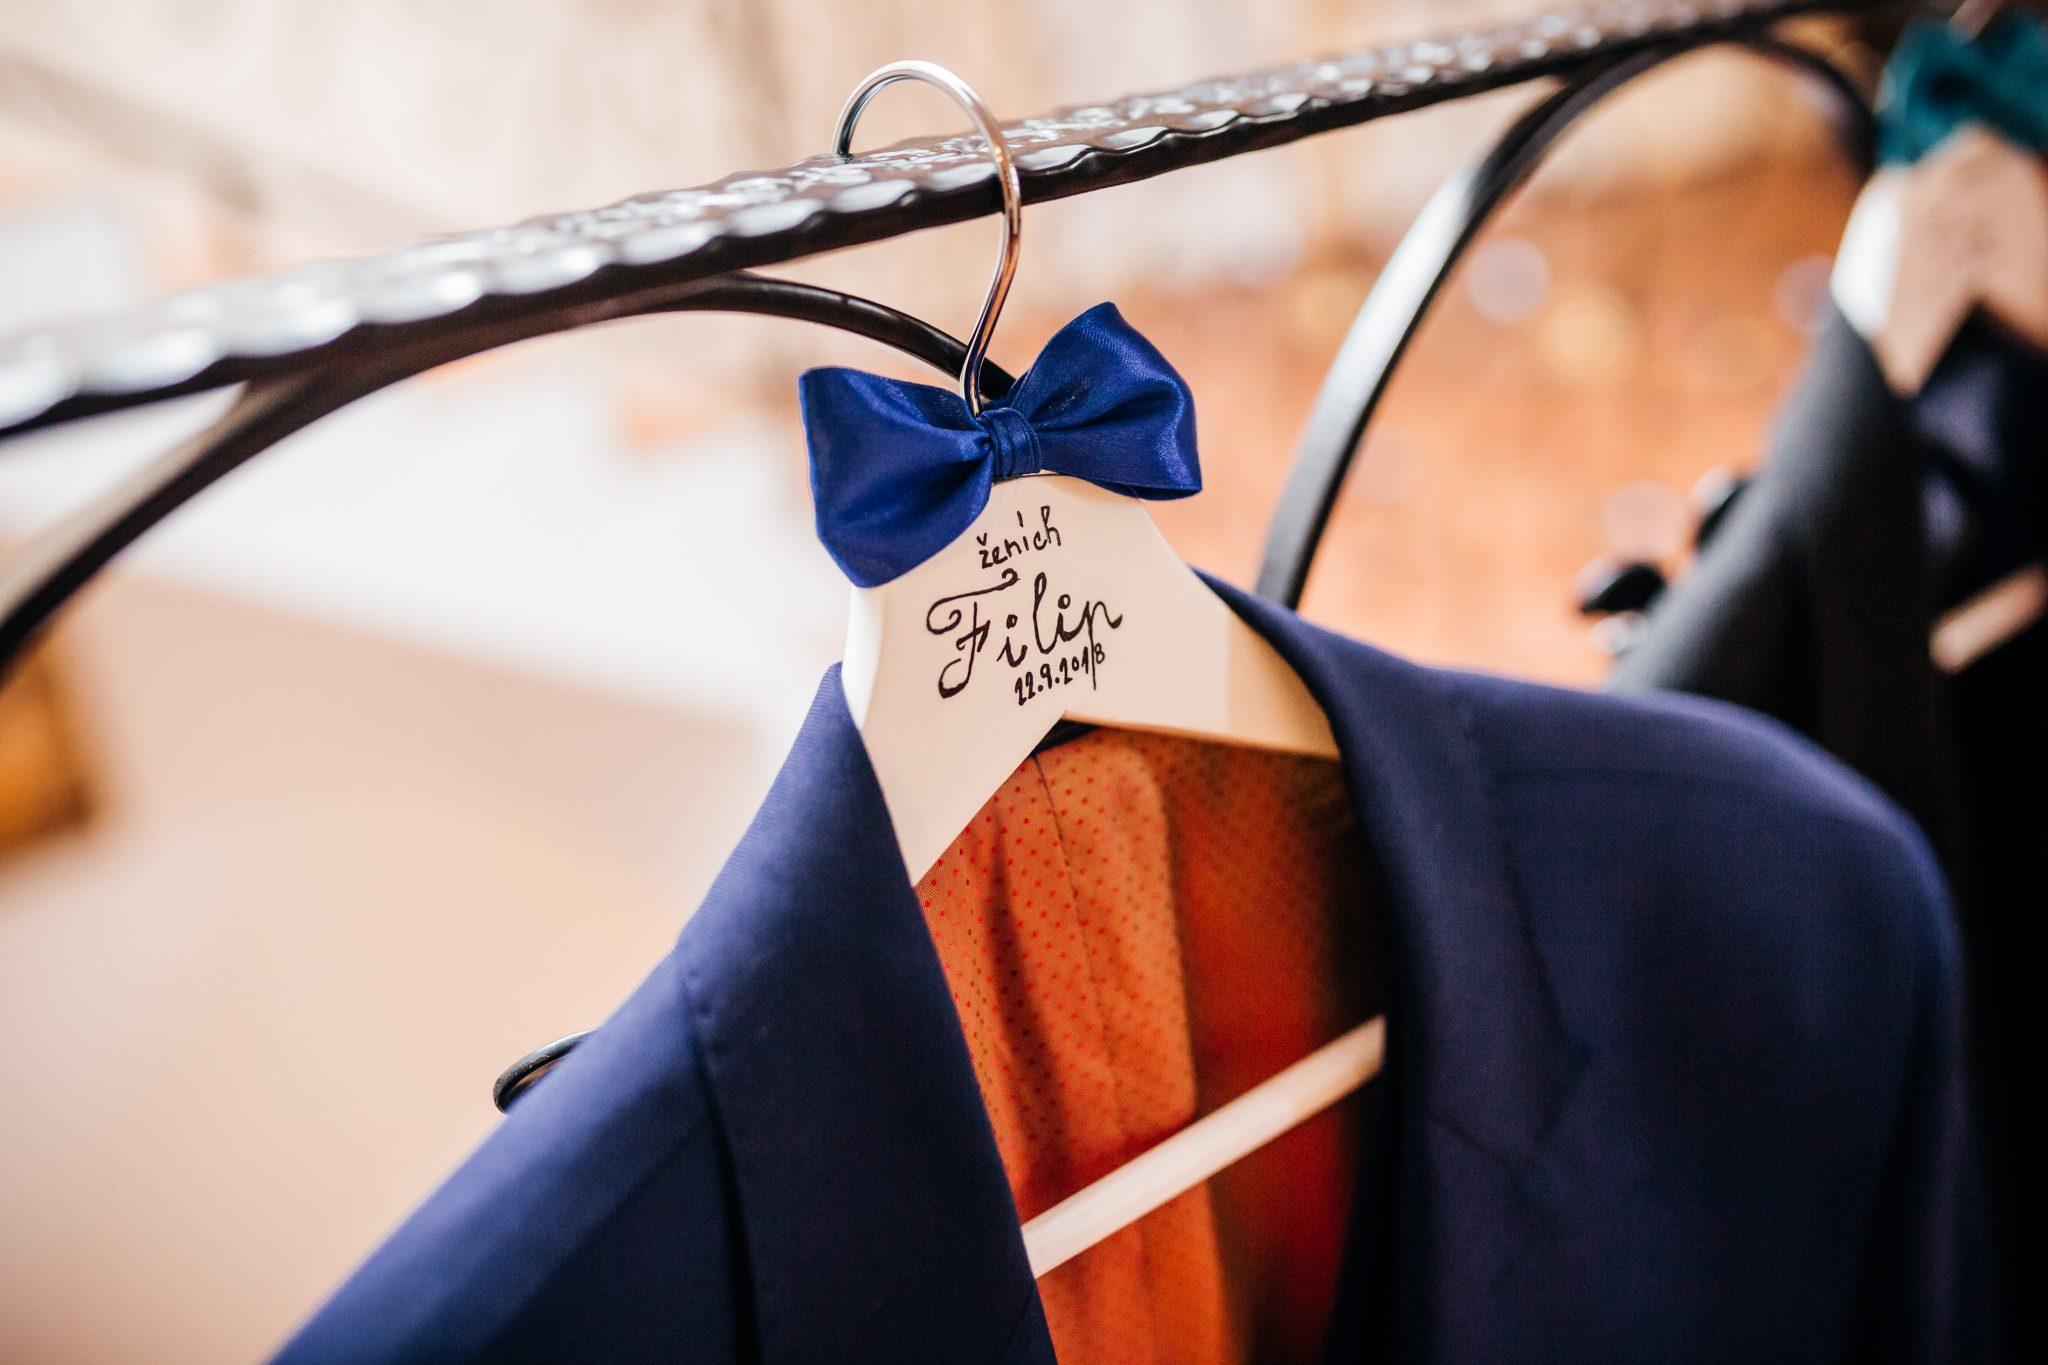 fffeb73b63b6 Proces výberu obleku a následného šitia by mal začať najneskôr 2 až 3  mesiace pred svadbou. Najmä ak sa ženíte počas svadobnej sezóny